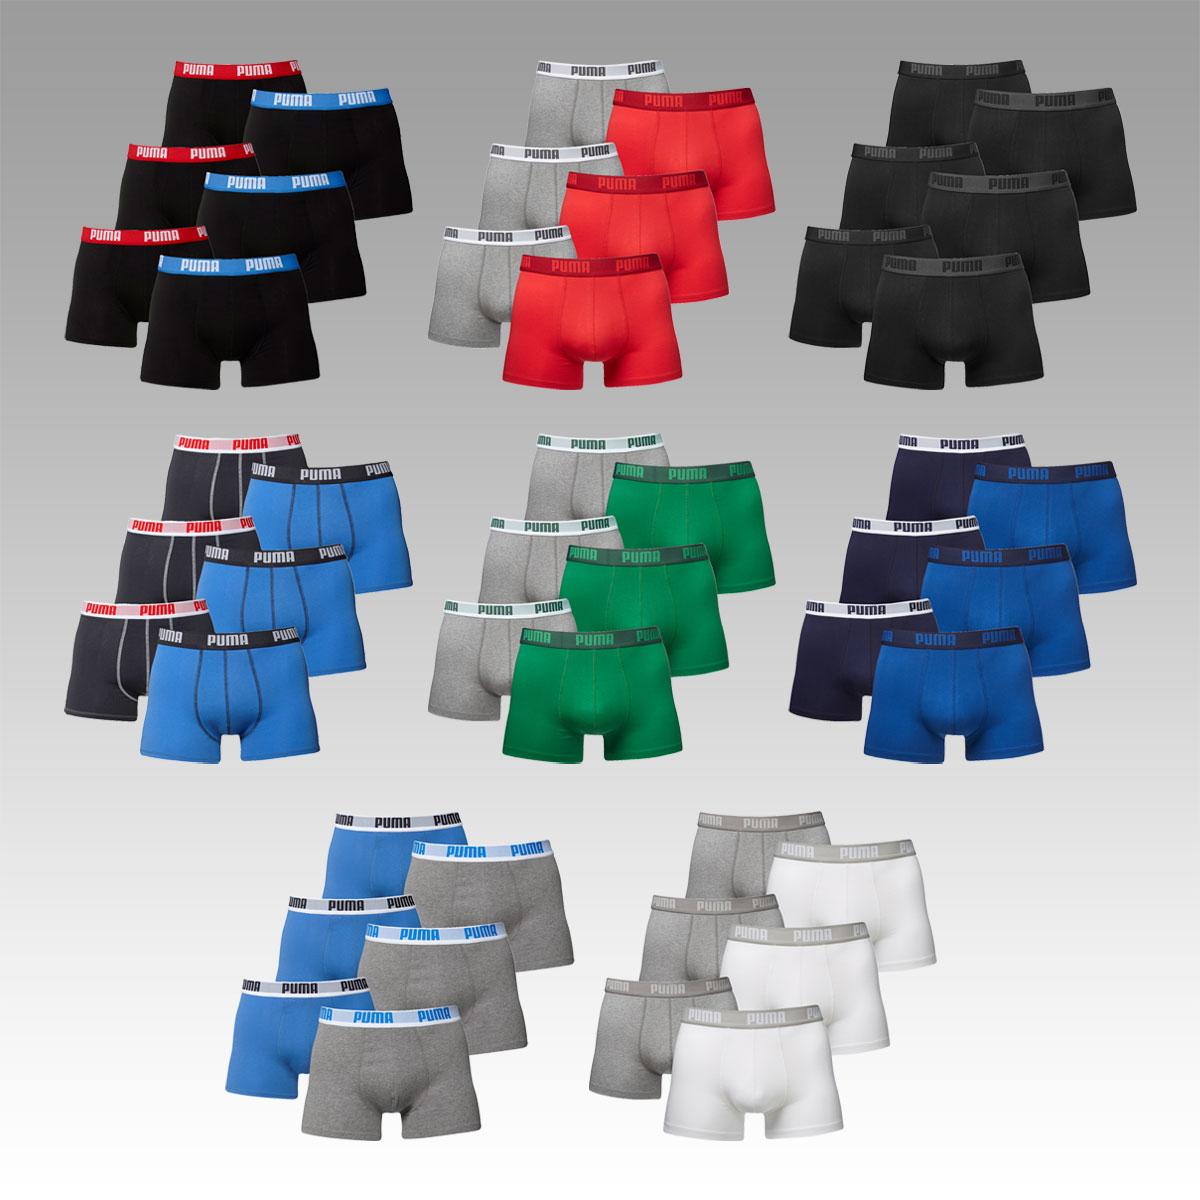 Puma Basic Boxershorts im 6er Pack in 8 verschiedenen Farben 29,95€ inkl. Versand